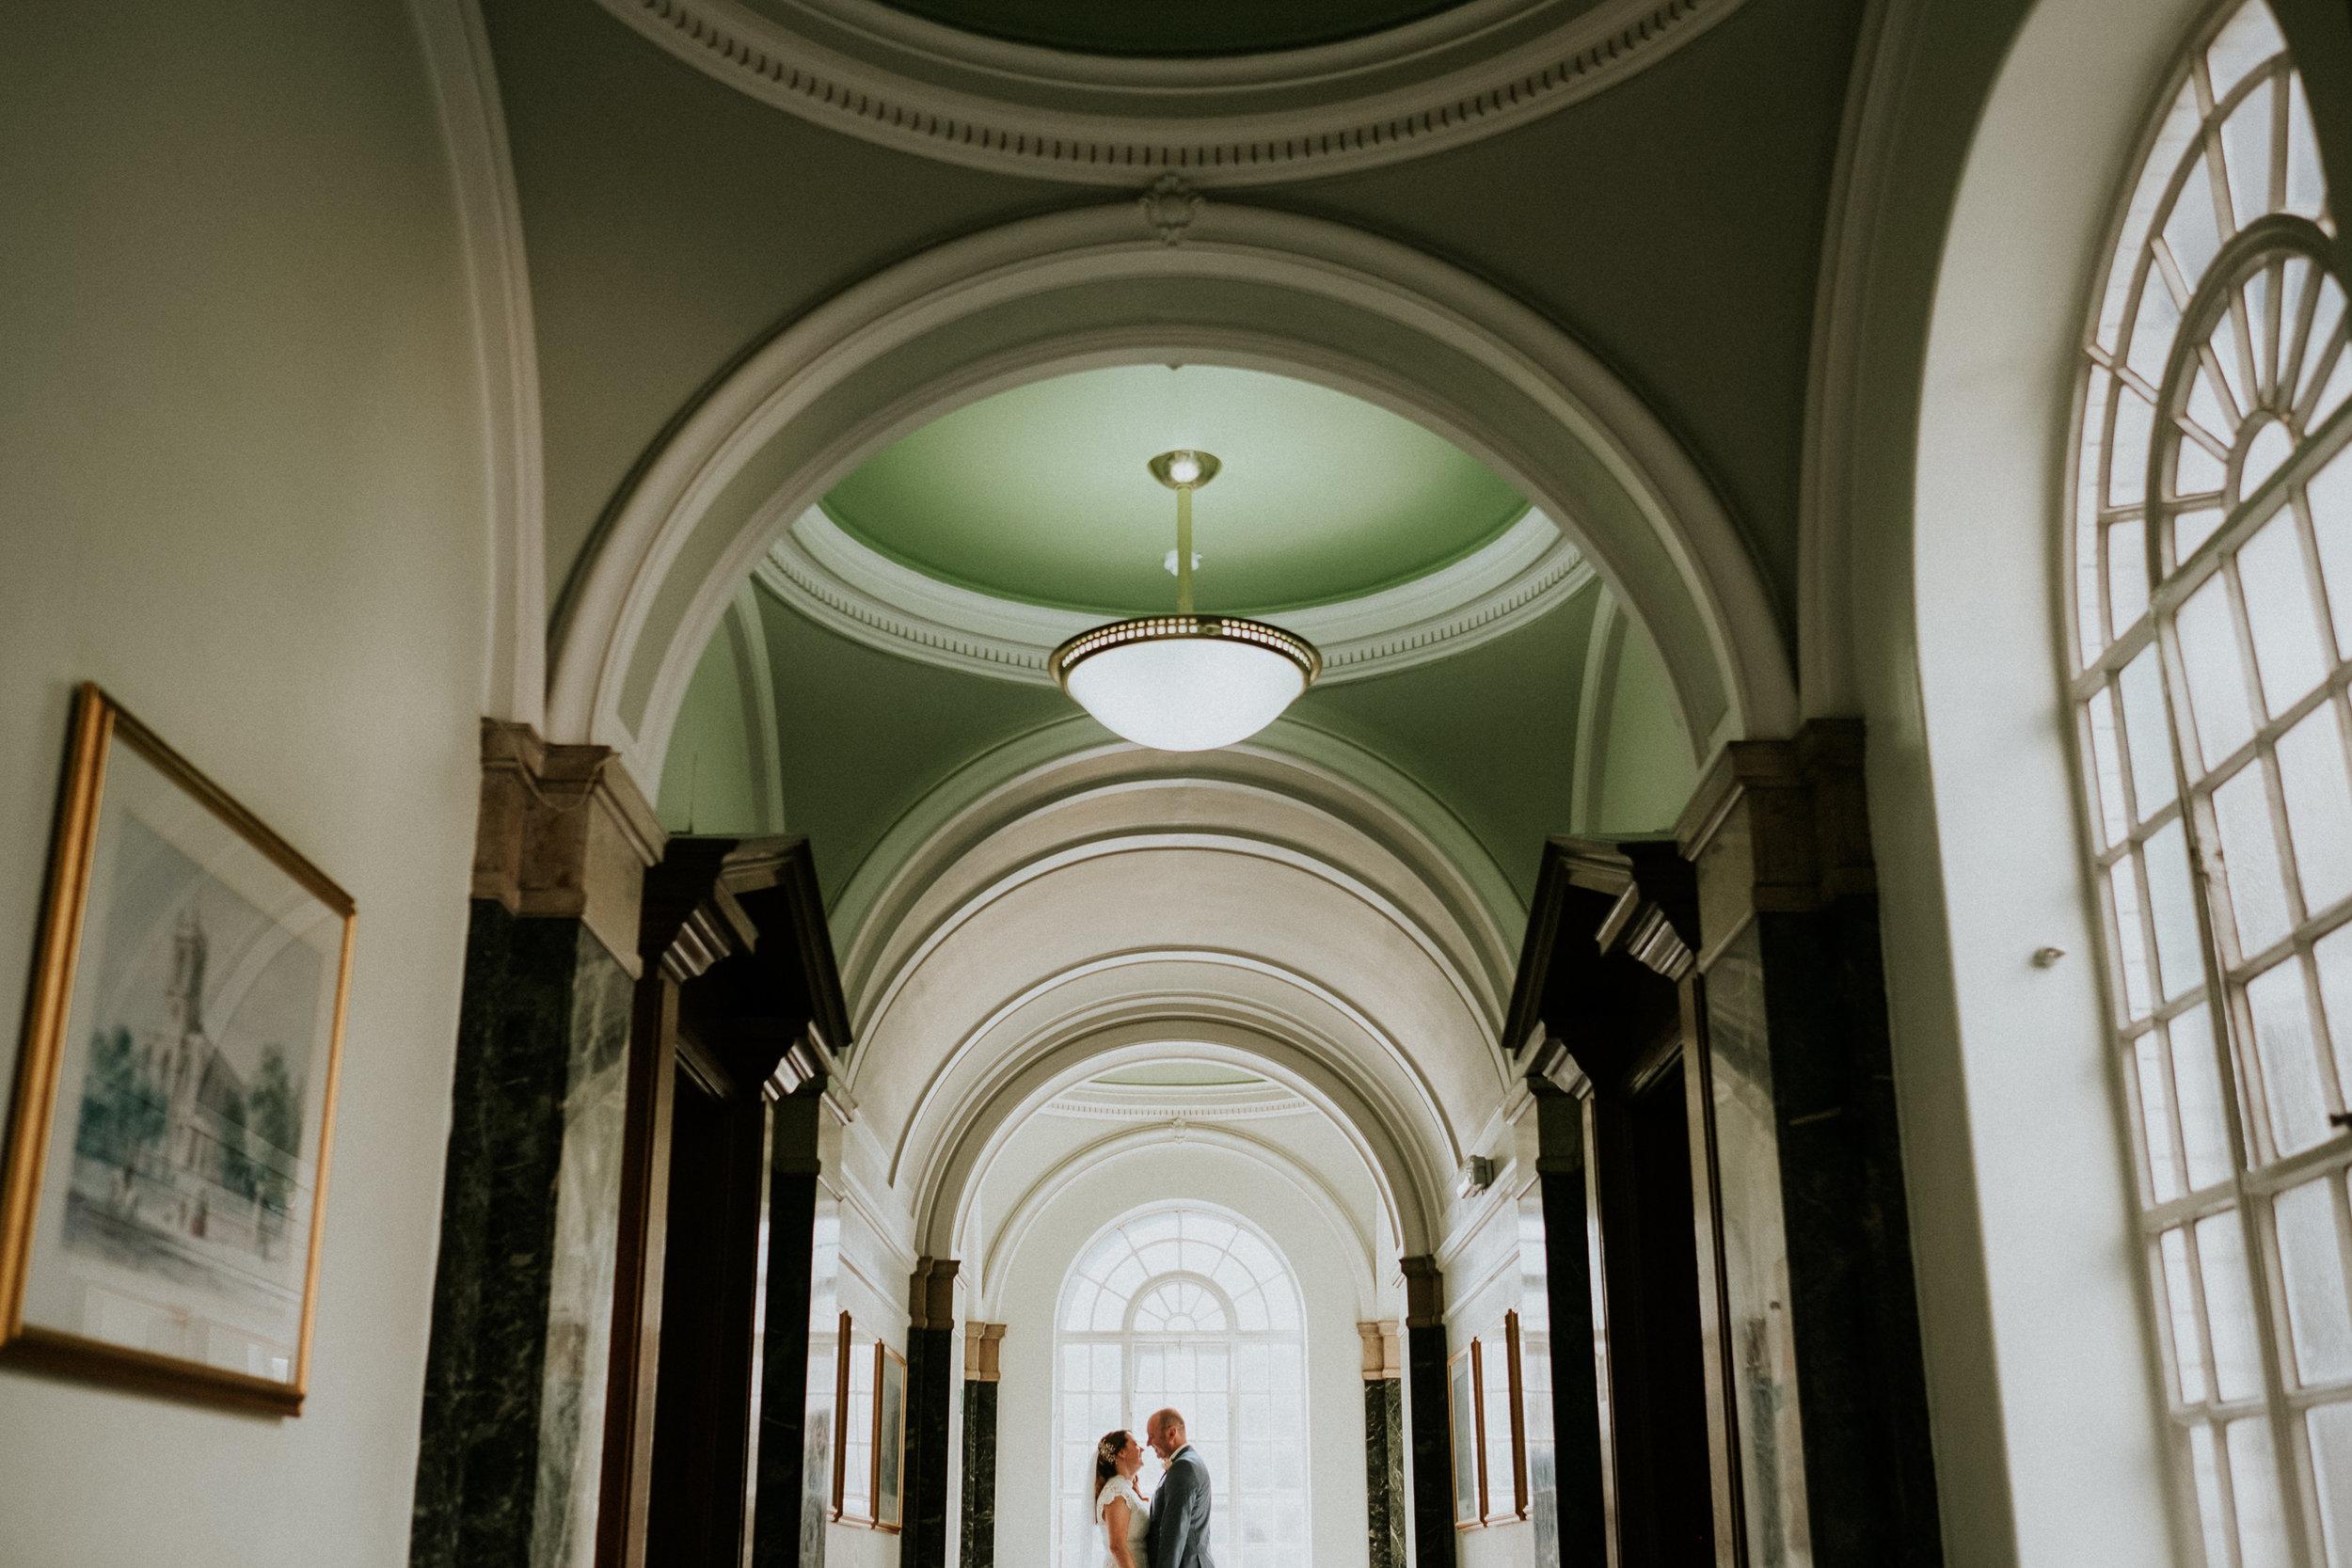 87 alternative london wedding photographer joanna nicole2.jpg